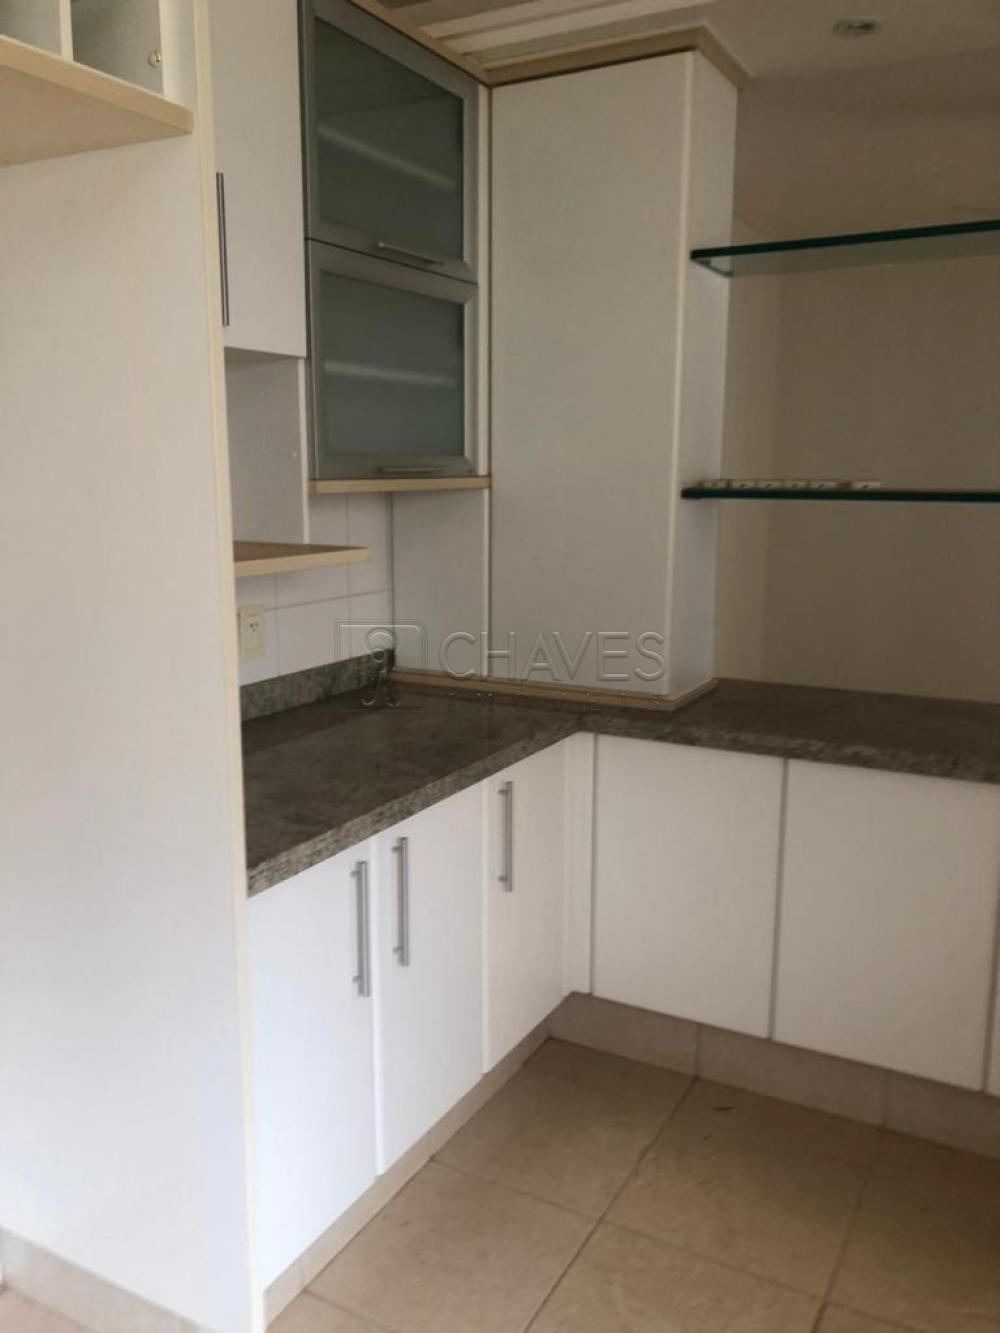 Comprar Apartamento / Padrão em Ribeirão Preto R$ 1.400.000,00 - Foto 7